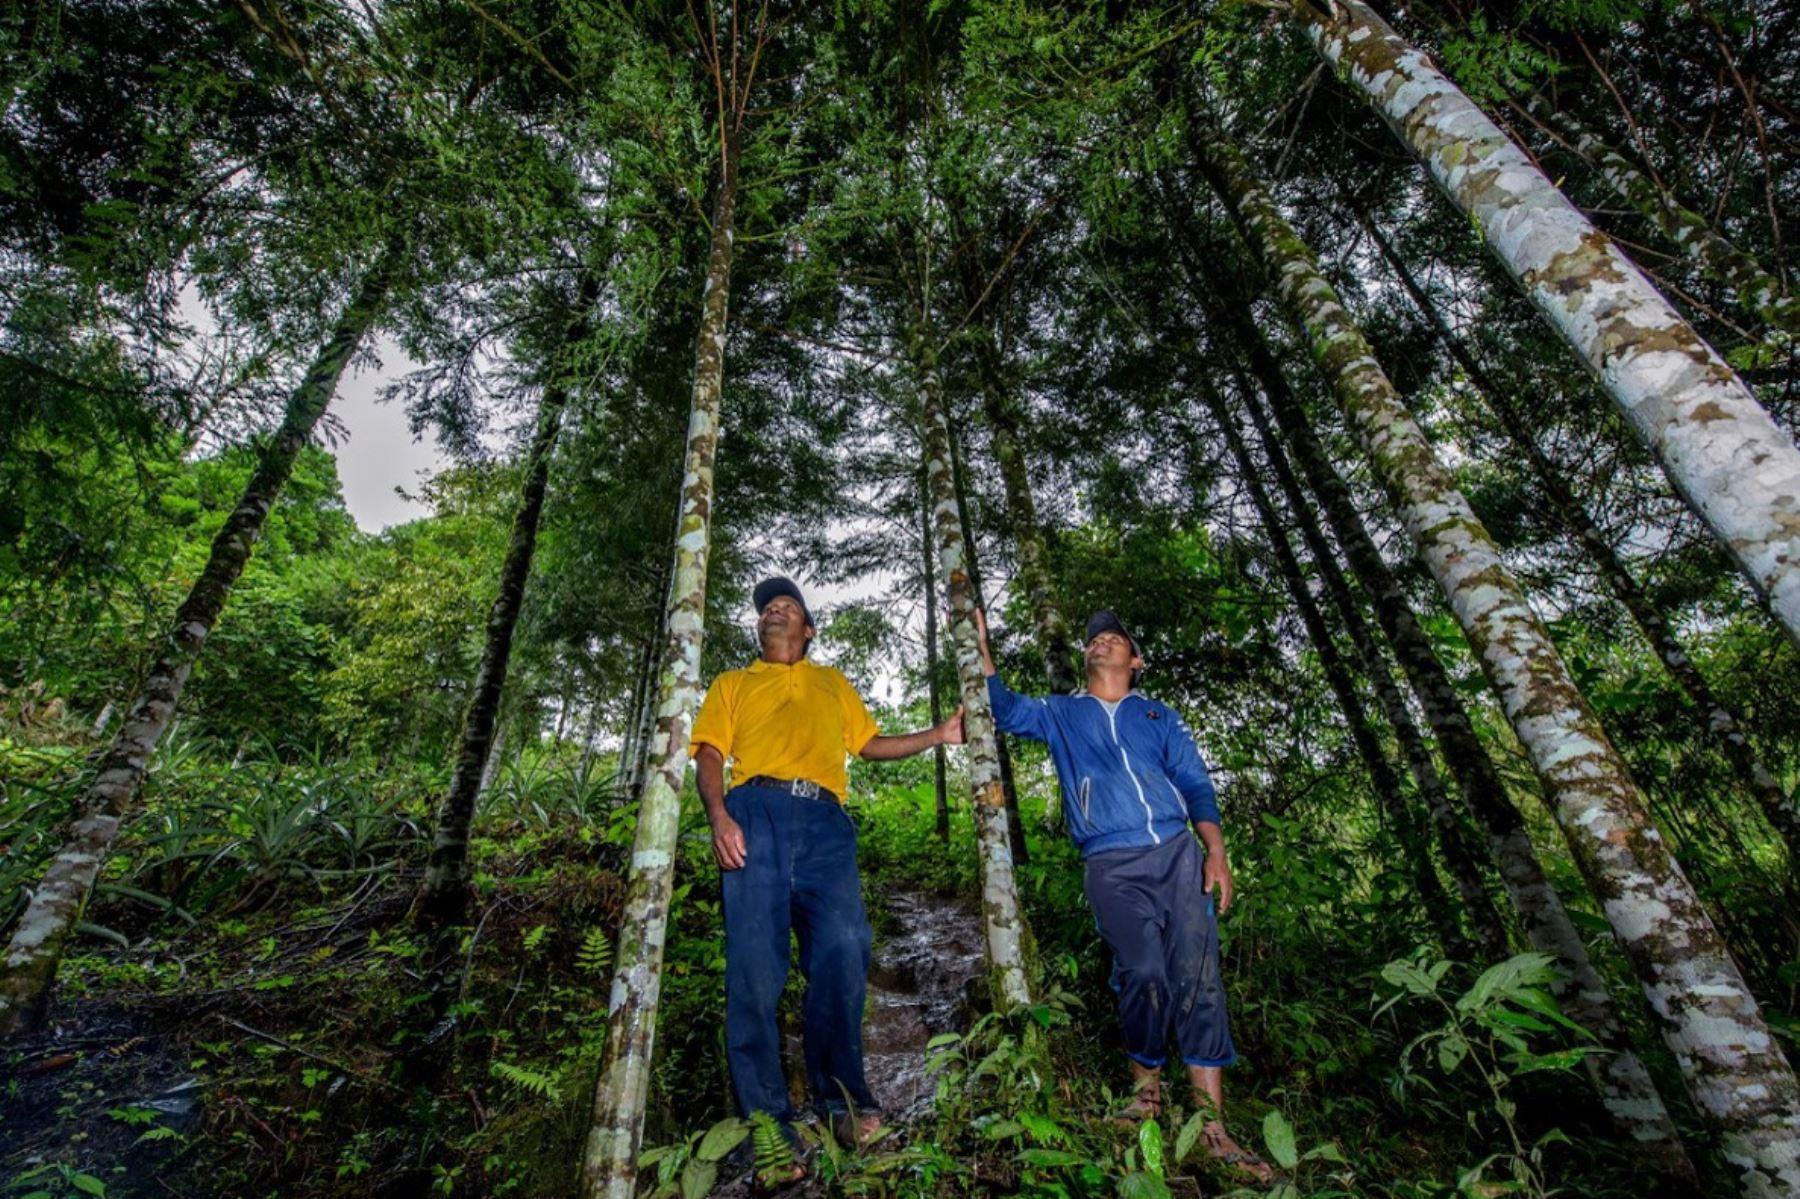 La región Cajamarca celebra la creación de su primera Área de Conservación Regional (ACR) denominada Bosques El Chaupe, Cunía y Chinchiquilla, ubicada en la provincia de San Ignacio. Foto: Michell León/Sernanp